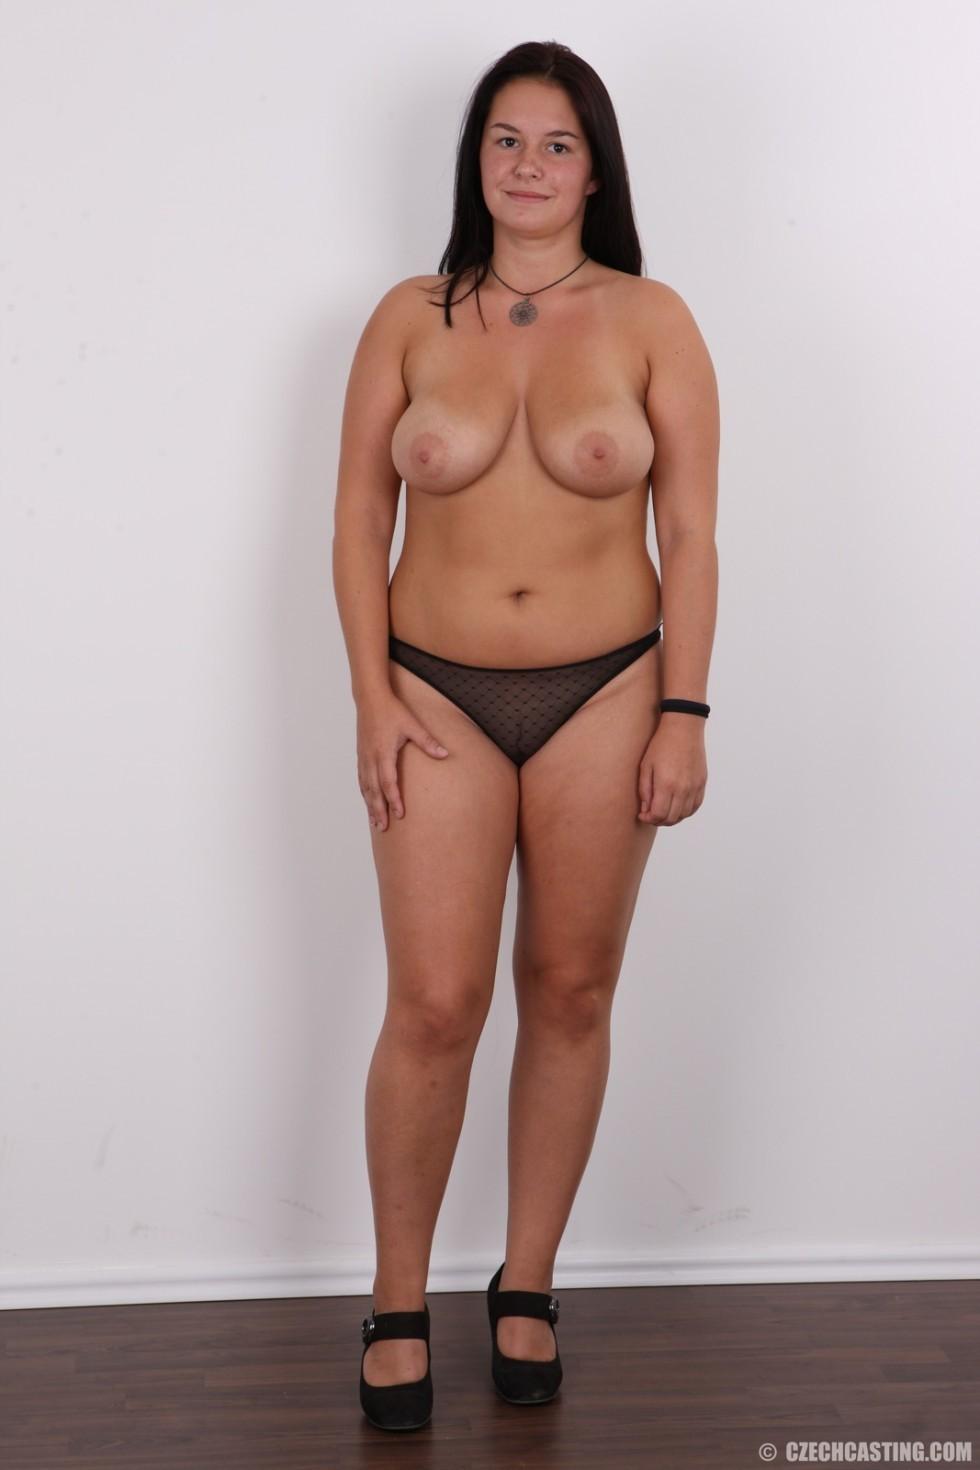 Christina surer nude